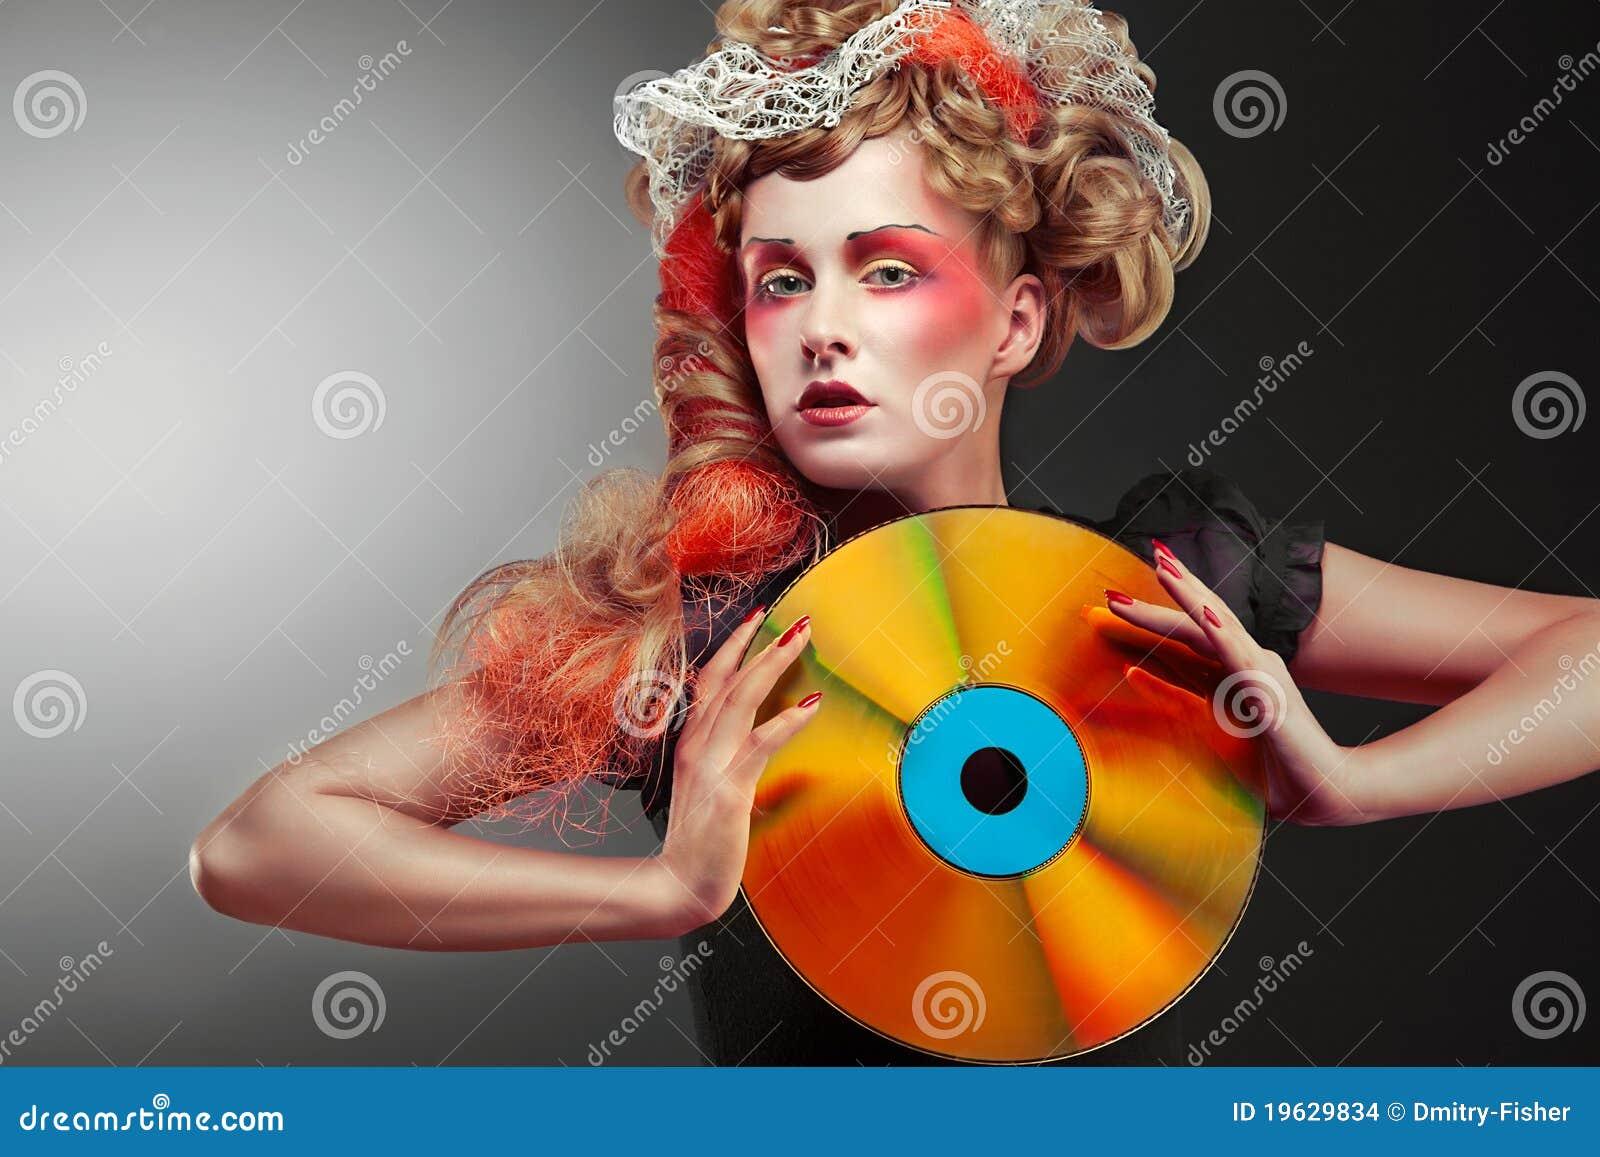 Laserdisco.